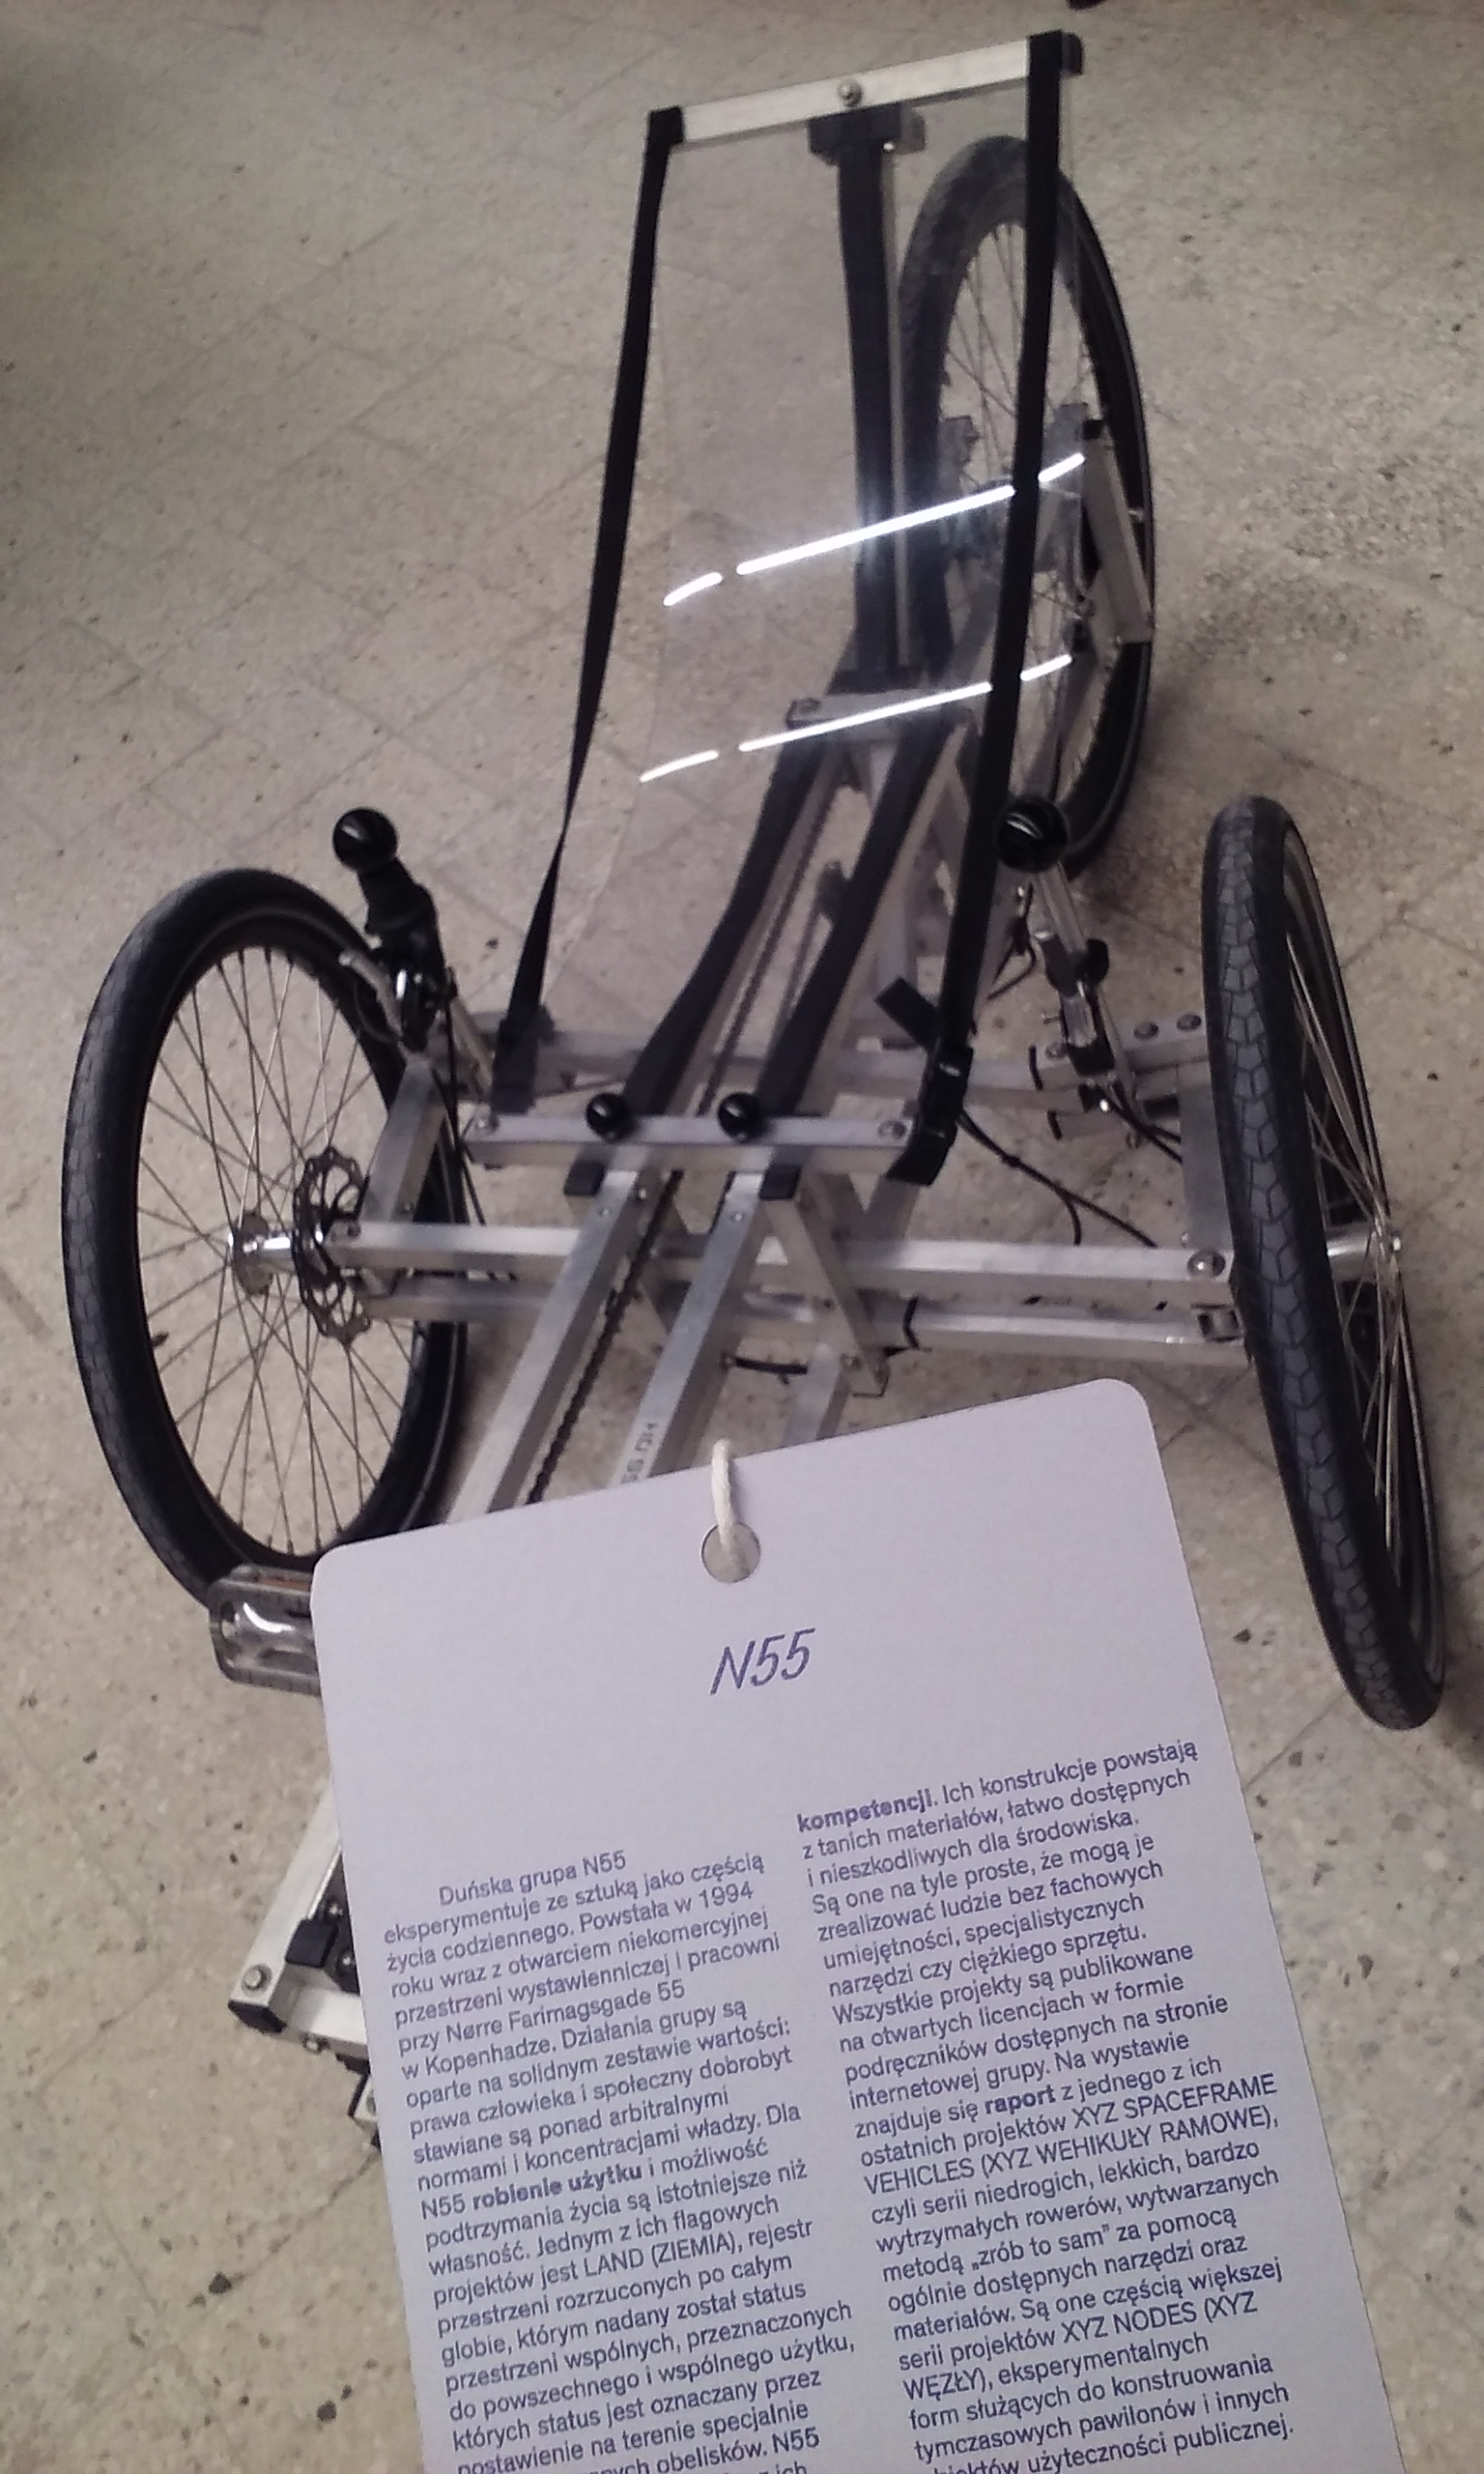 6 trójkołowy rower, N55